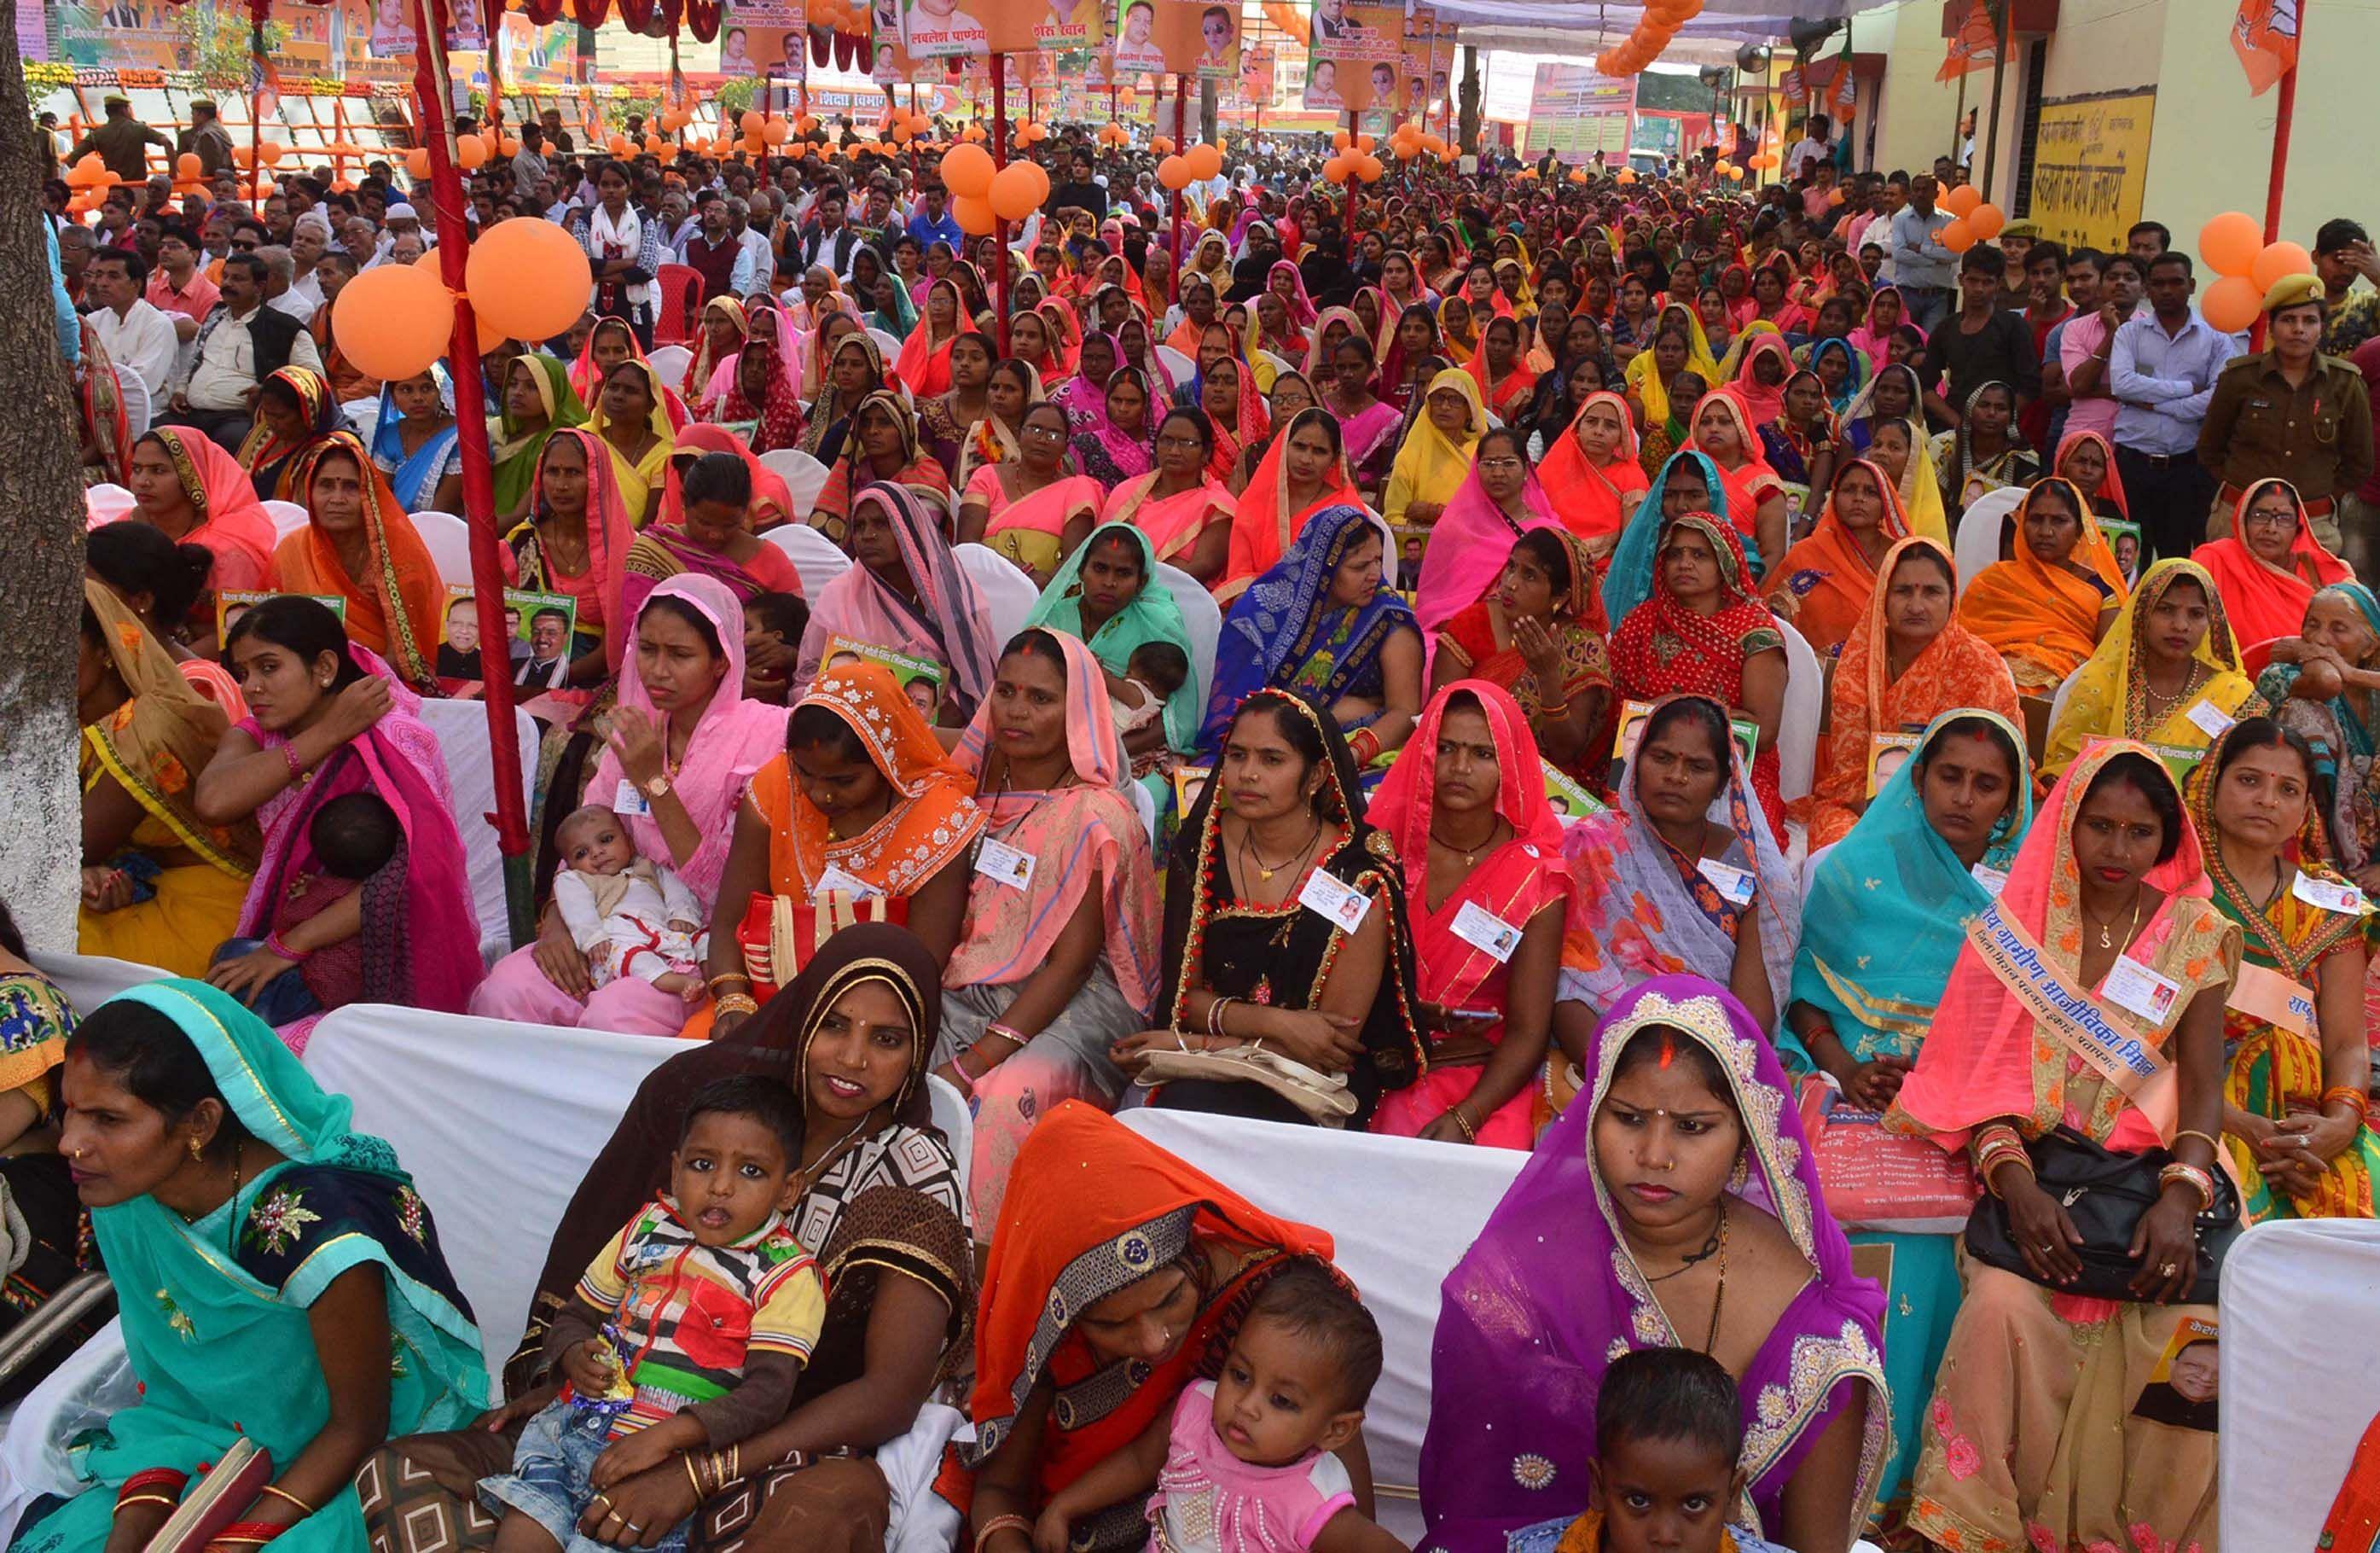 बाबा बेलखरनाथ ब्लाक परिसर में डिप्टी सीएम केशव प्रसाद मौर्या के कार्यक्रम में जुटी भीड़।।